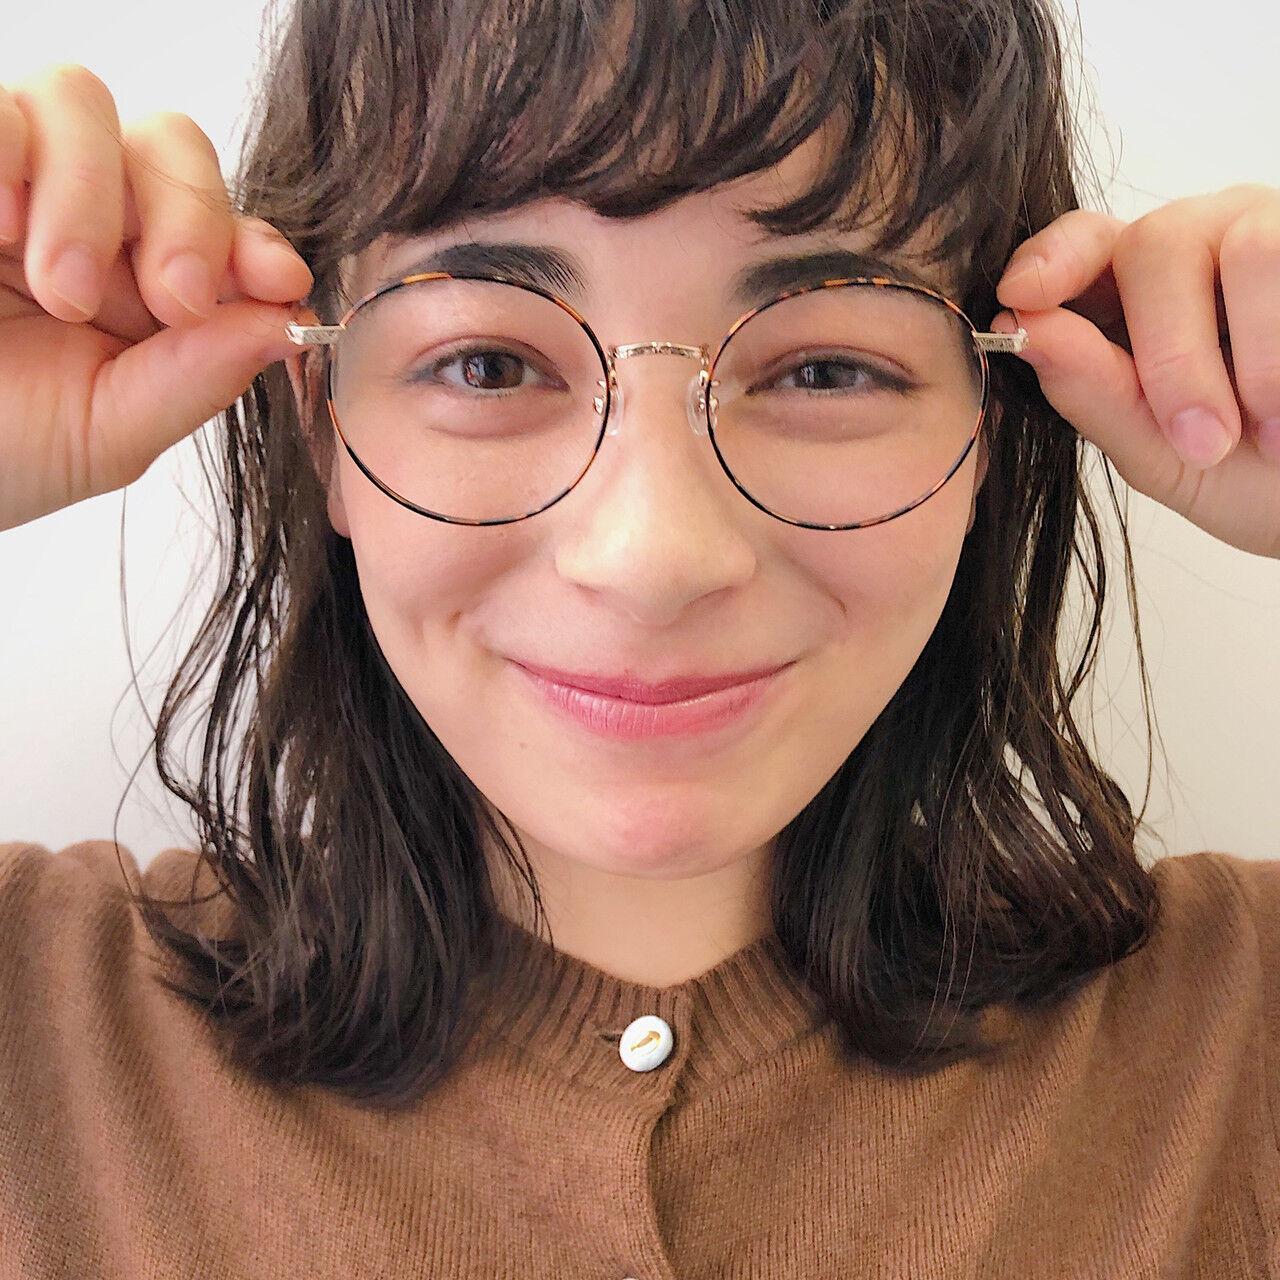 黒髪 ミディアム パーマ ガーリーヘアスタイルや髪型の写真・画像